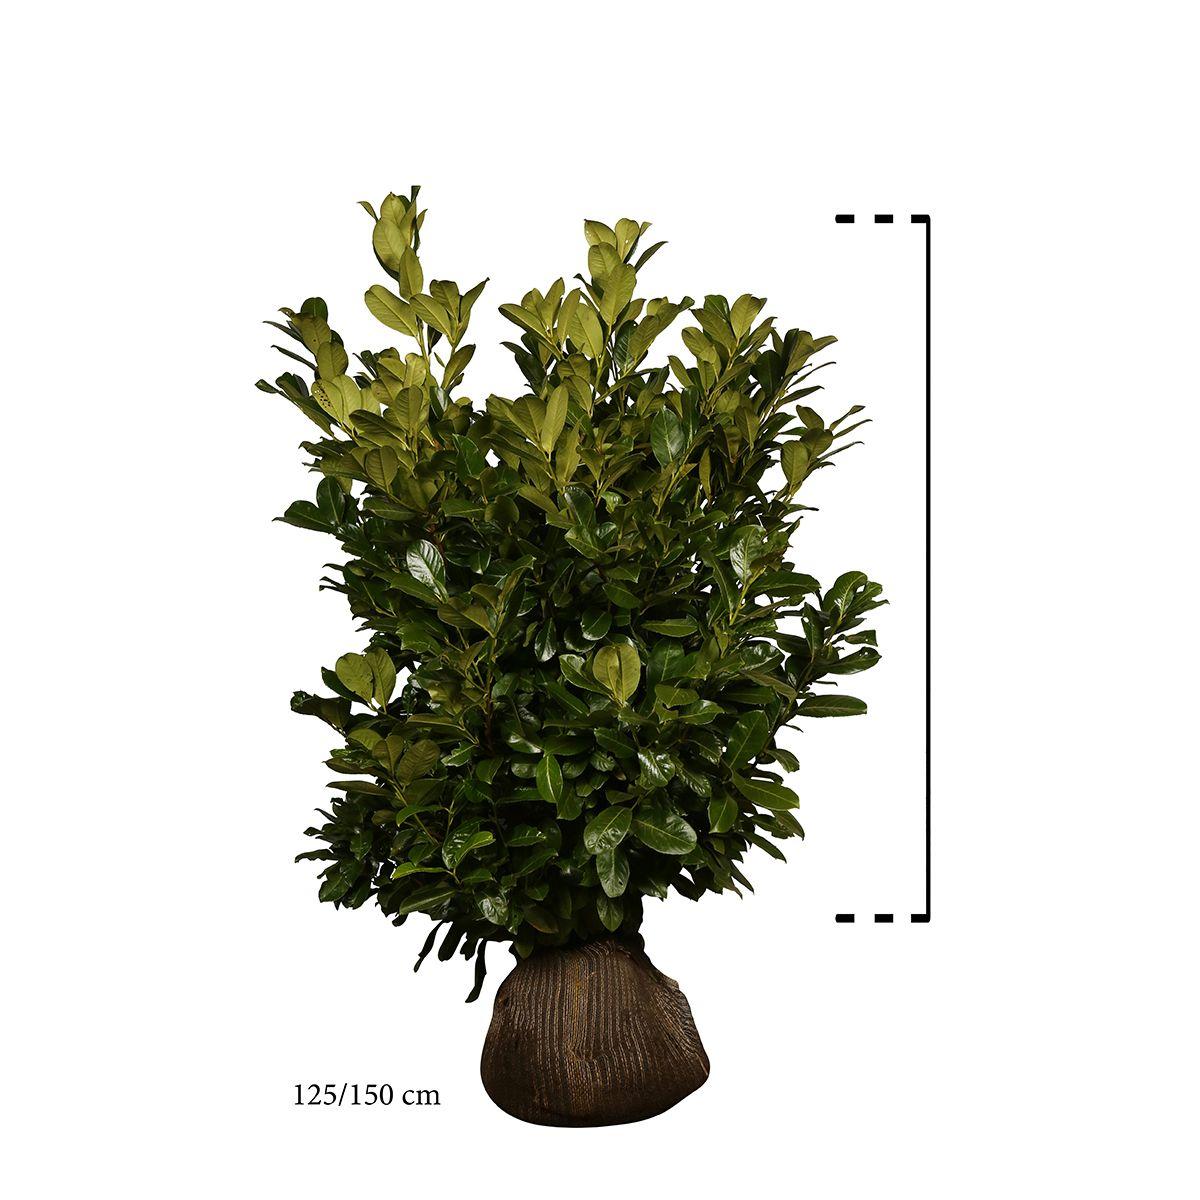 Großblättriger Kirschlorbeer  Wurzelballen 125-150 cm Extra Qualtität